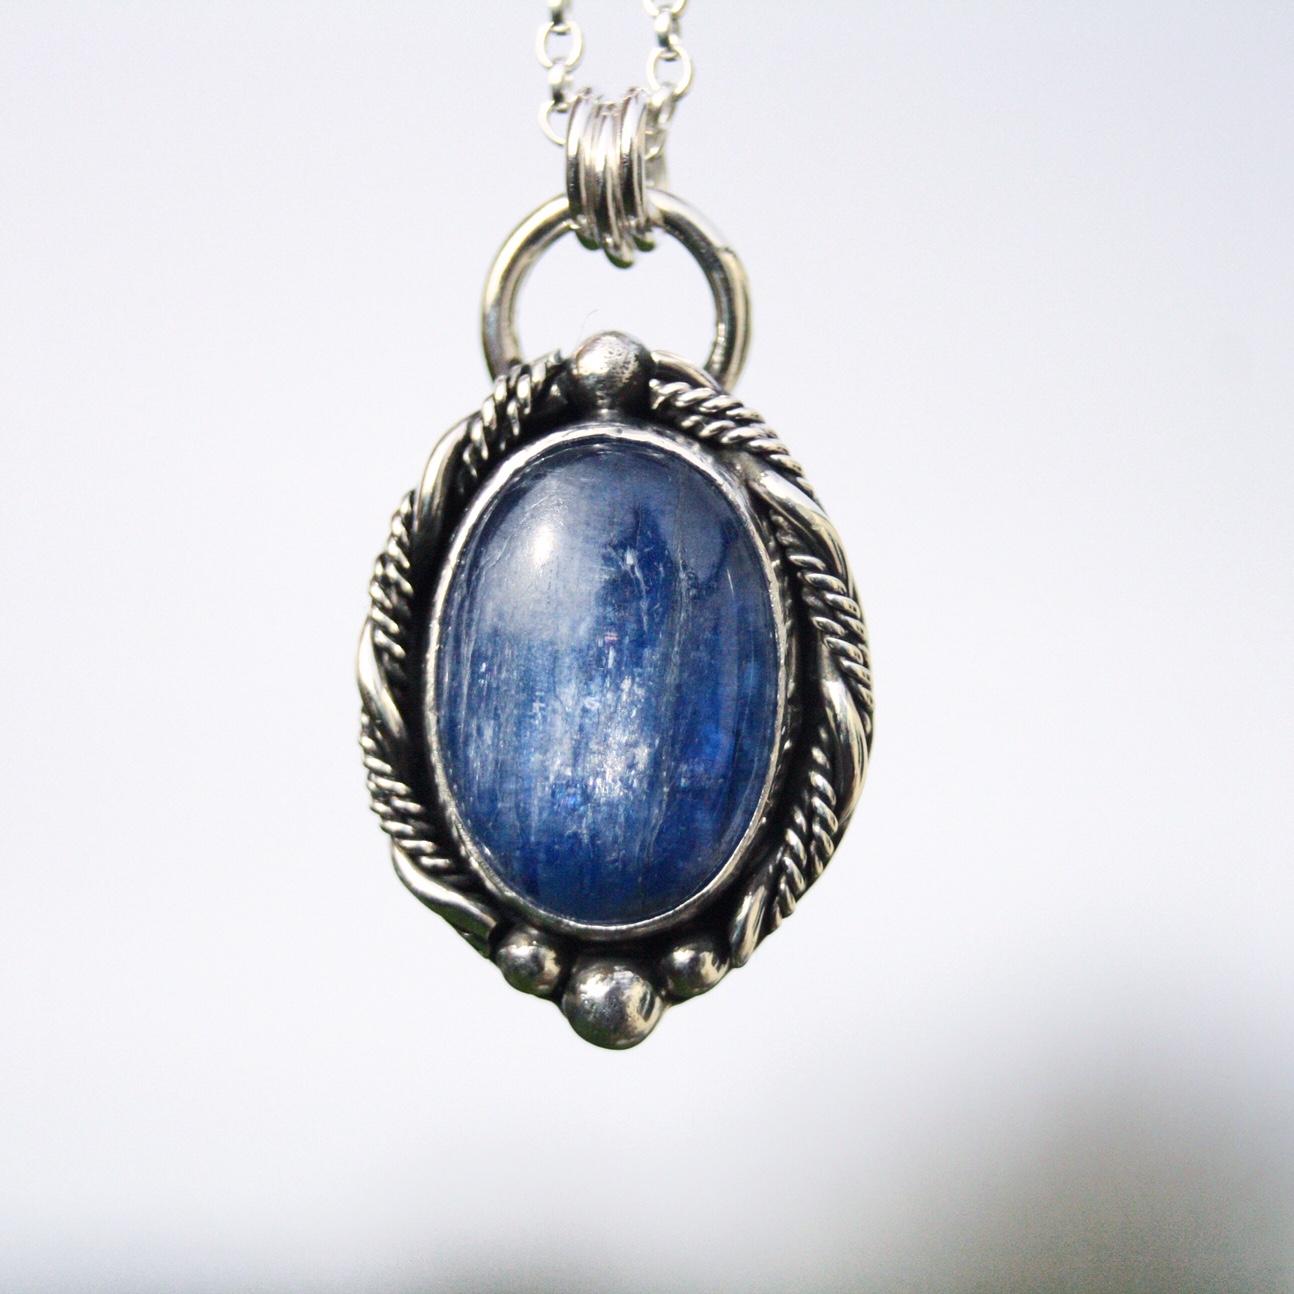 The Moonlit Ocean Necklace